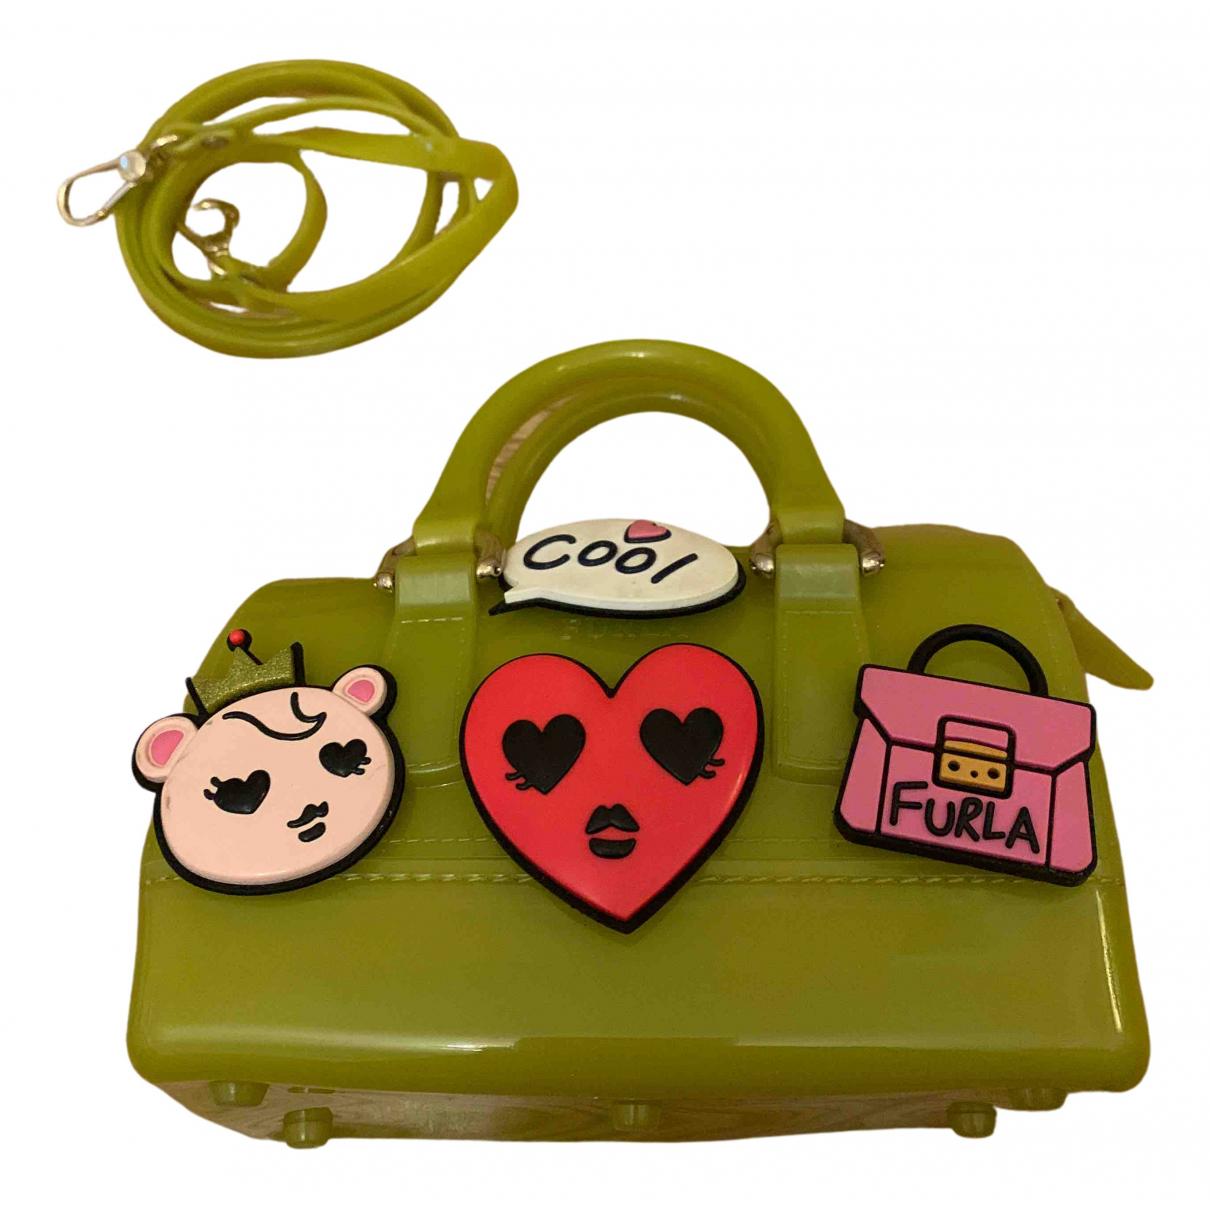 Furla Candy Bag Handtasche in  Gruen Kunststoff